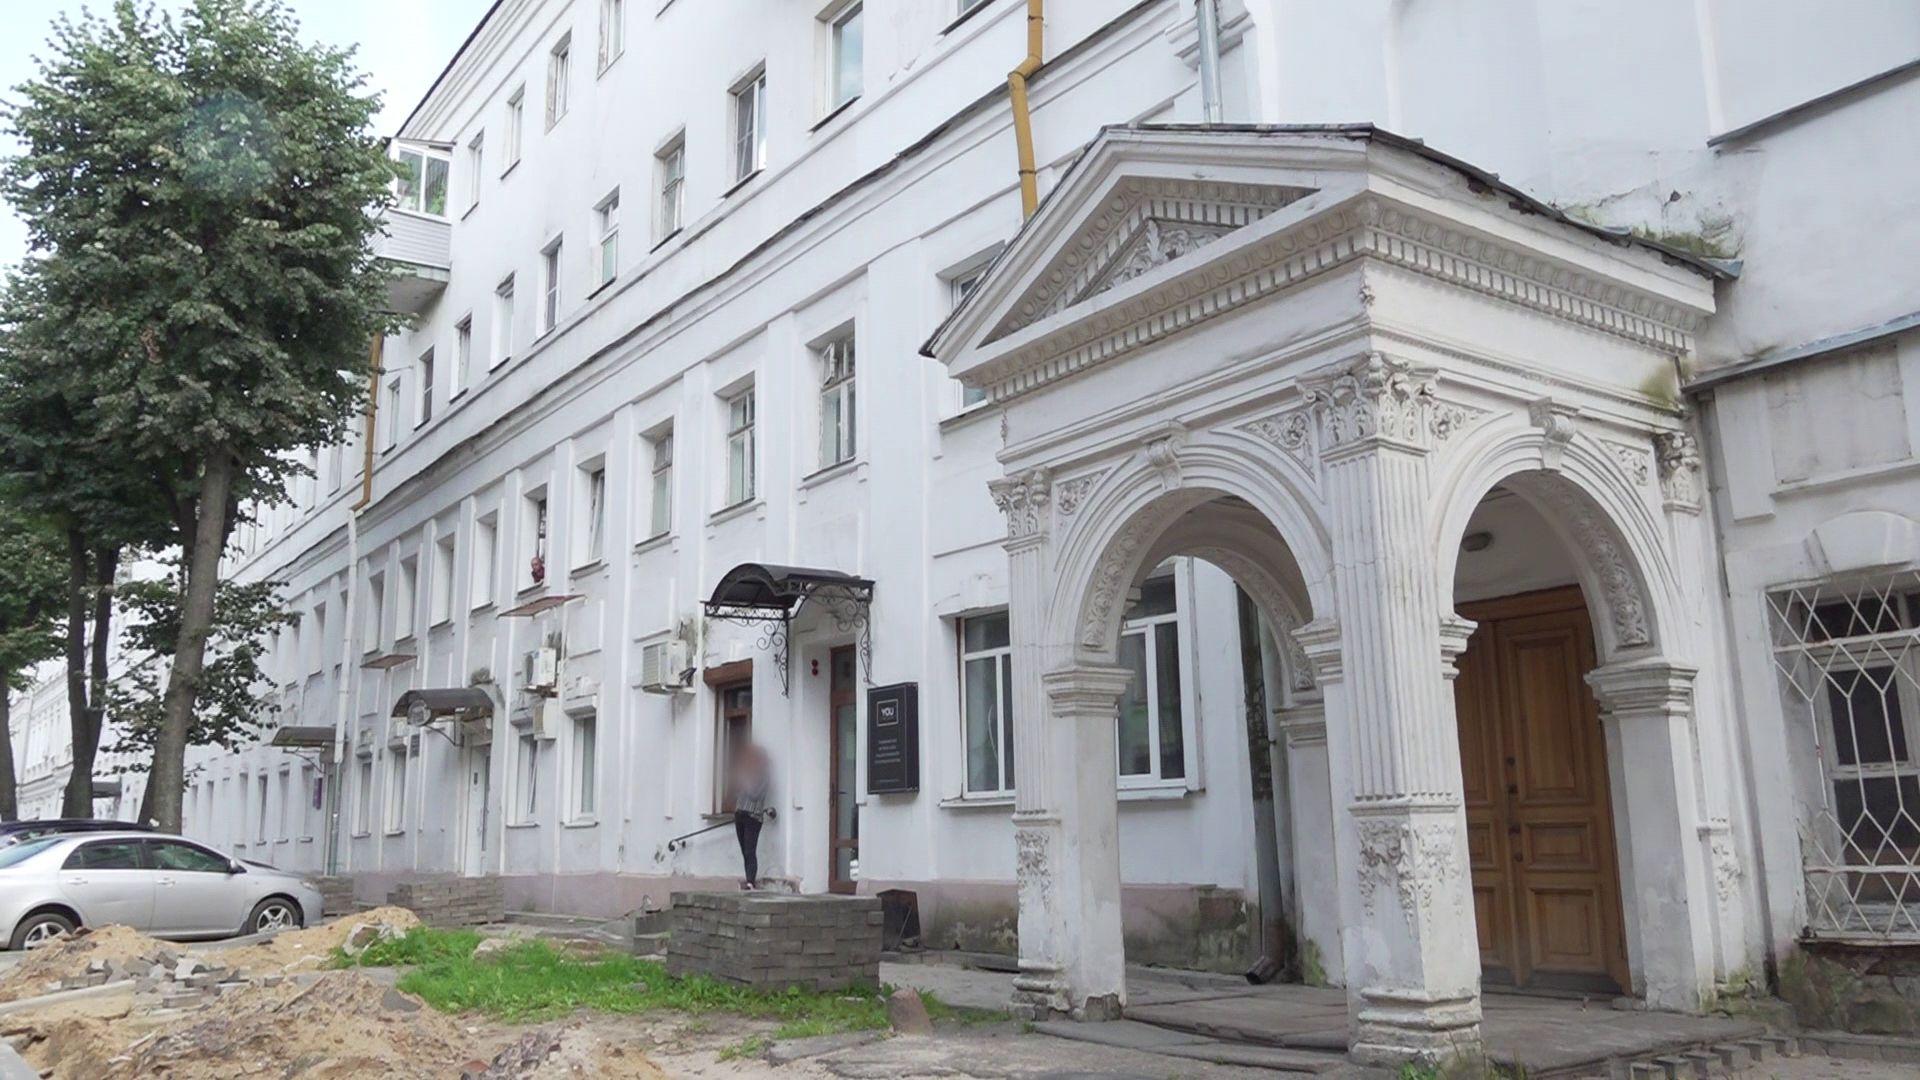 На реставрацию здания для Дома актера в Ярославле выделили 88 миллионов рублей